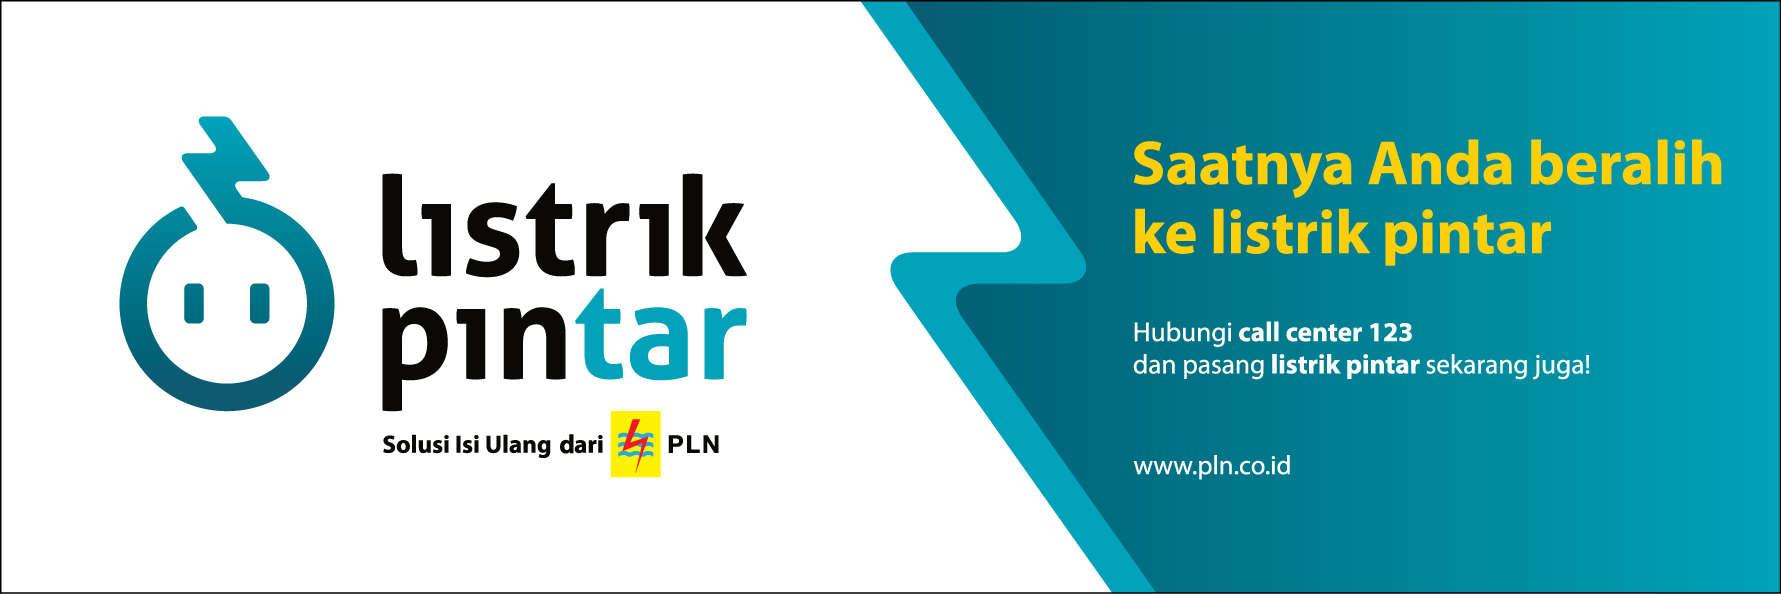 web-banner-pln-855x285px-01